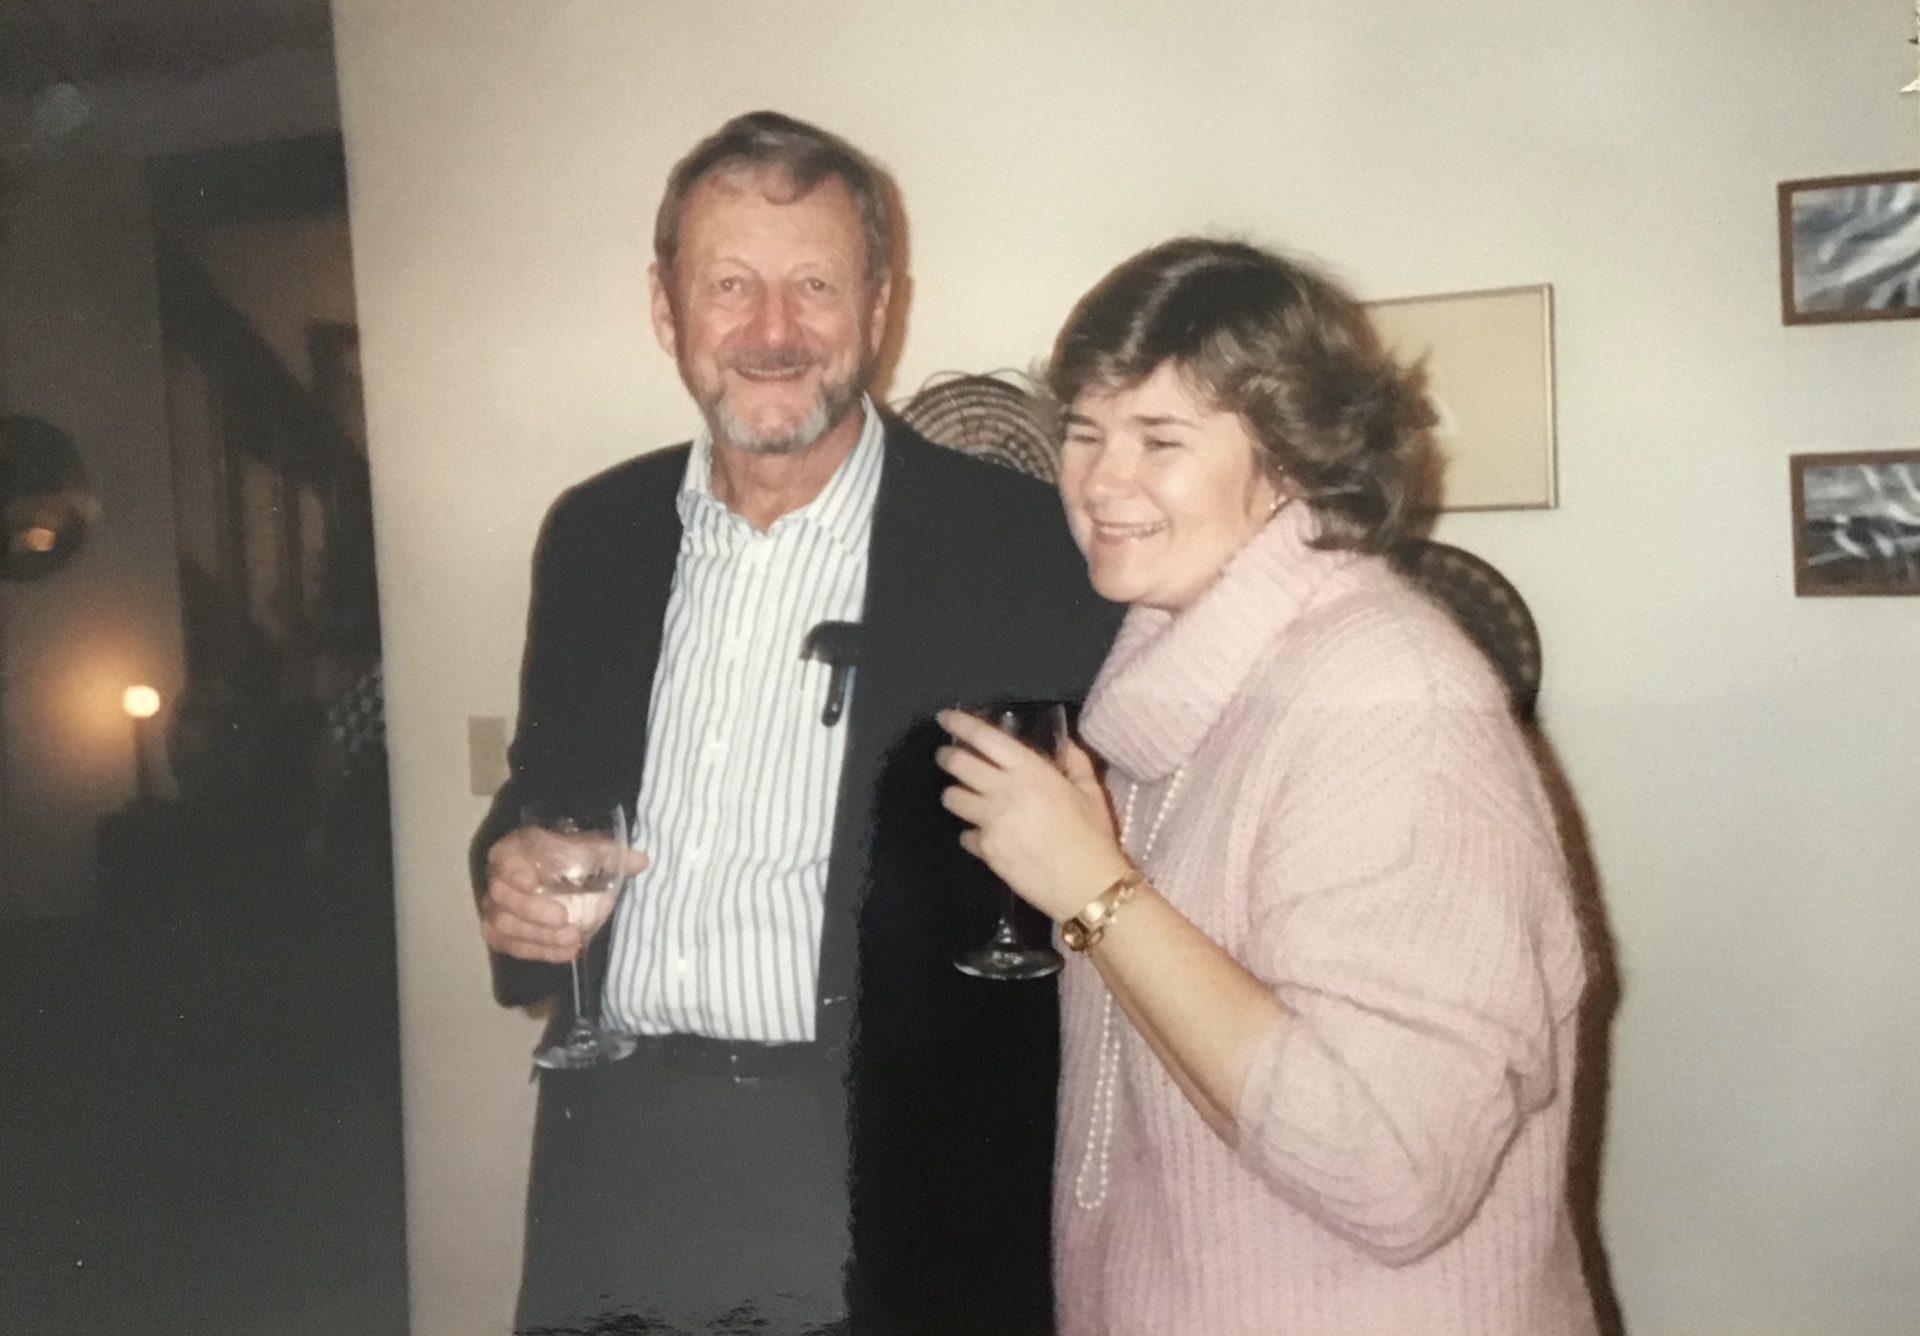 Joe and Gail